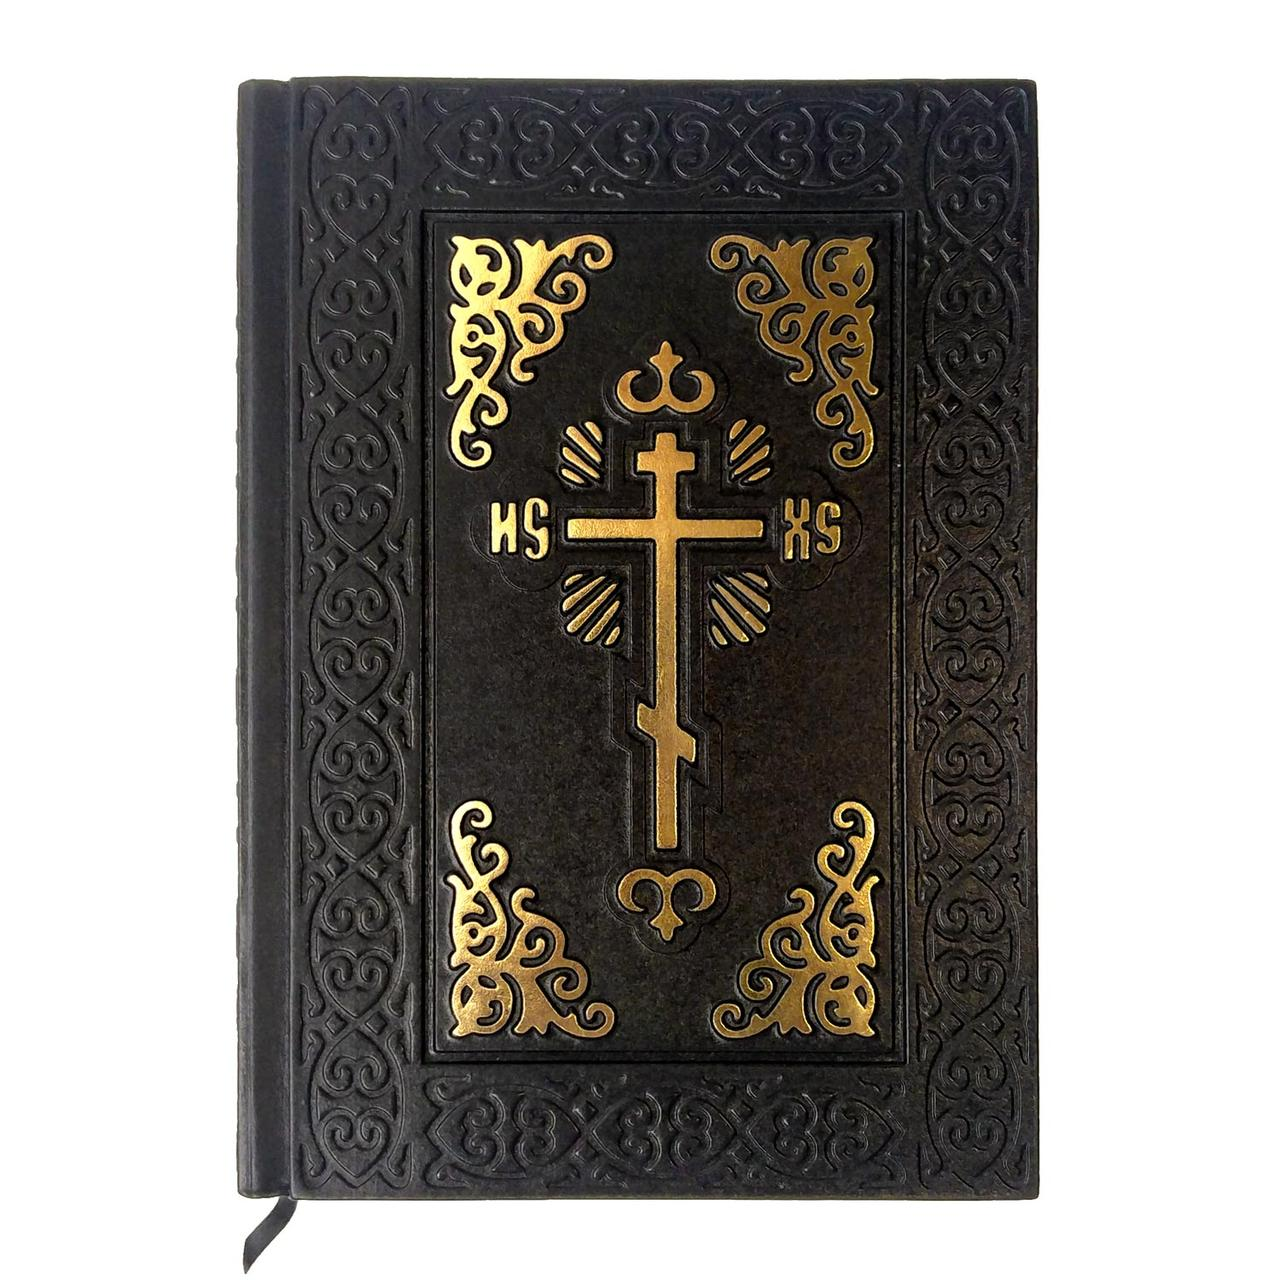 Біблія з хрестом в шкіряній палітурці (М0)